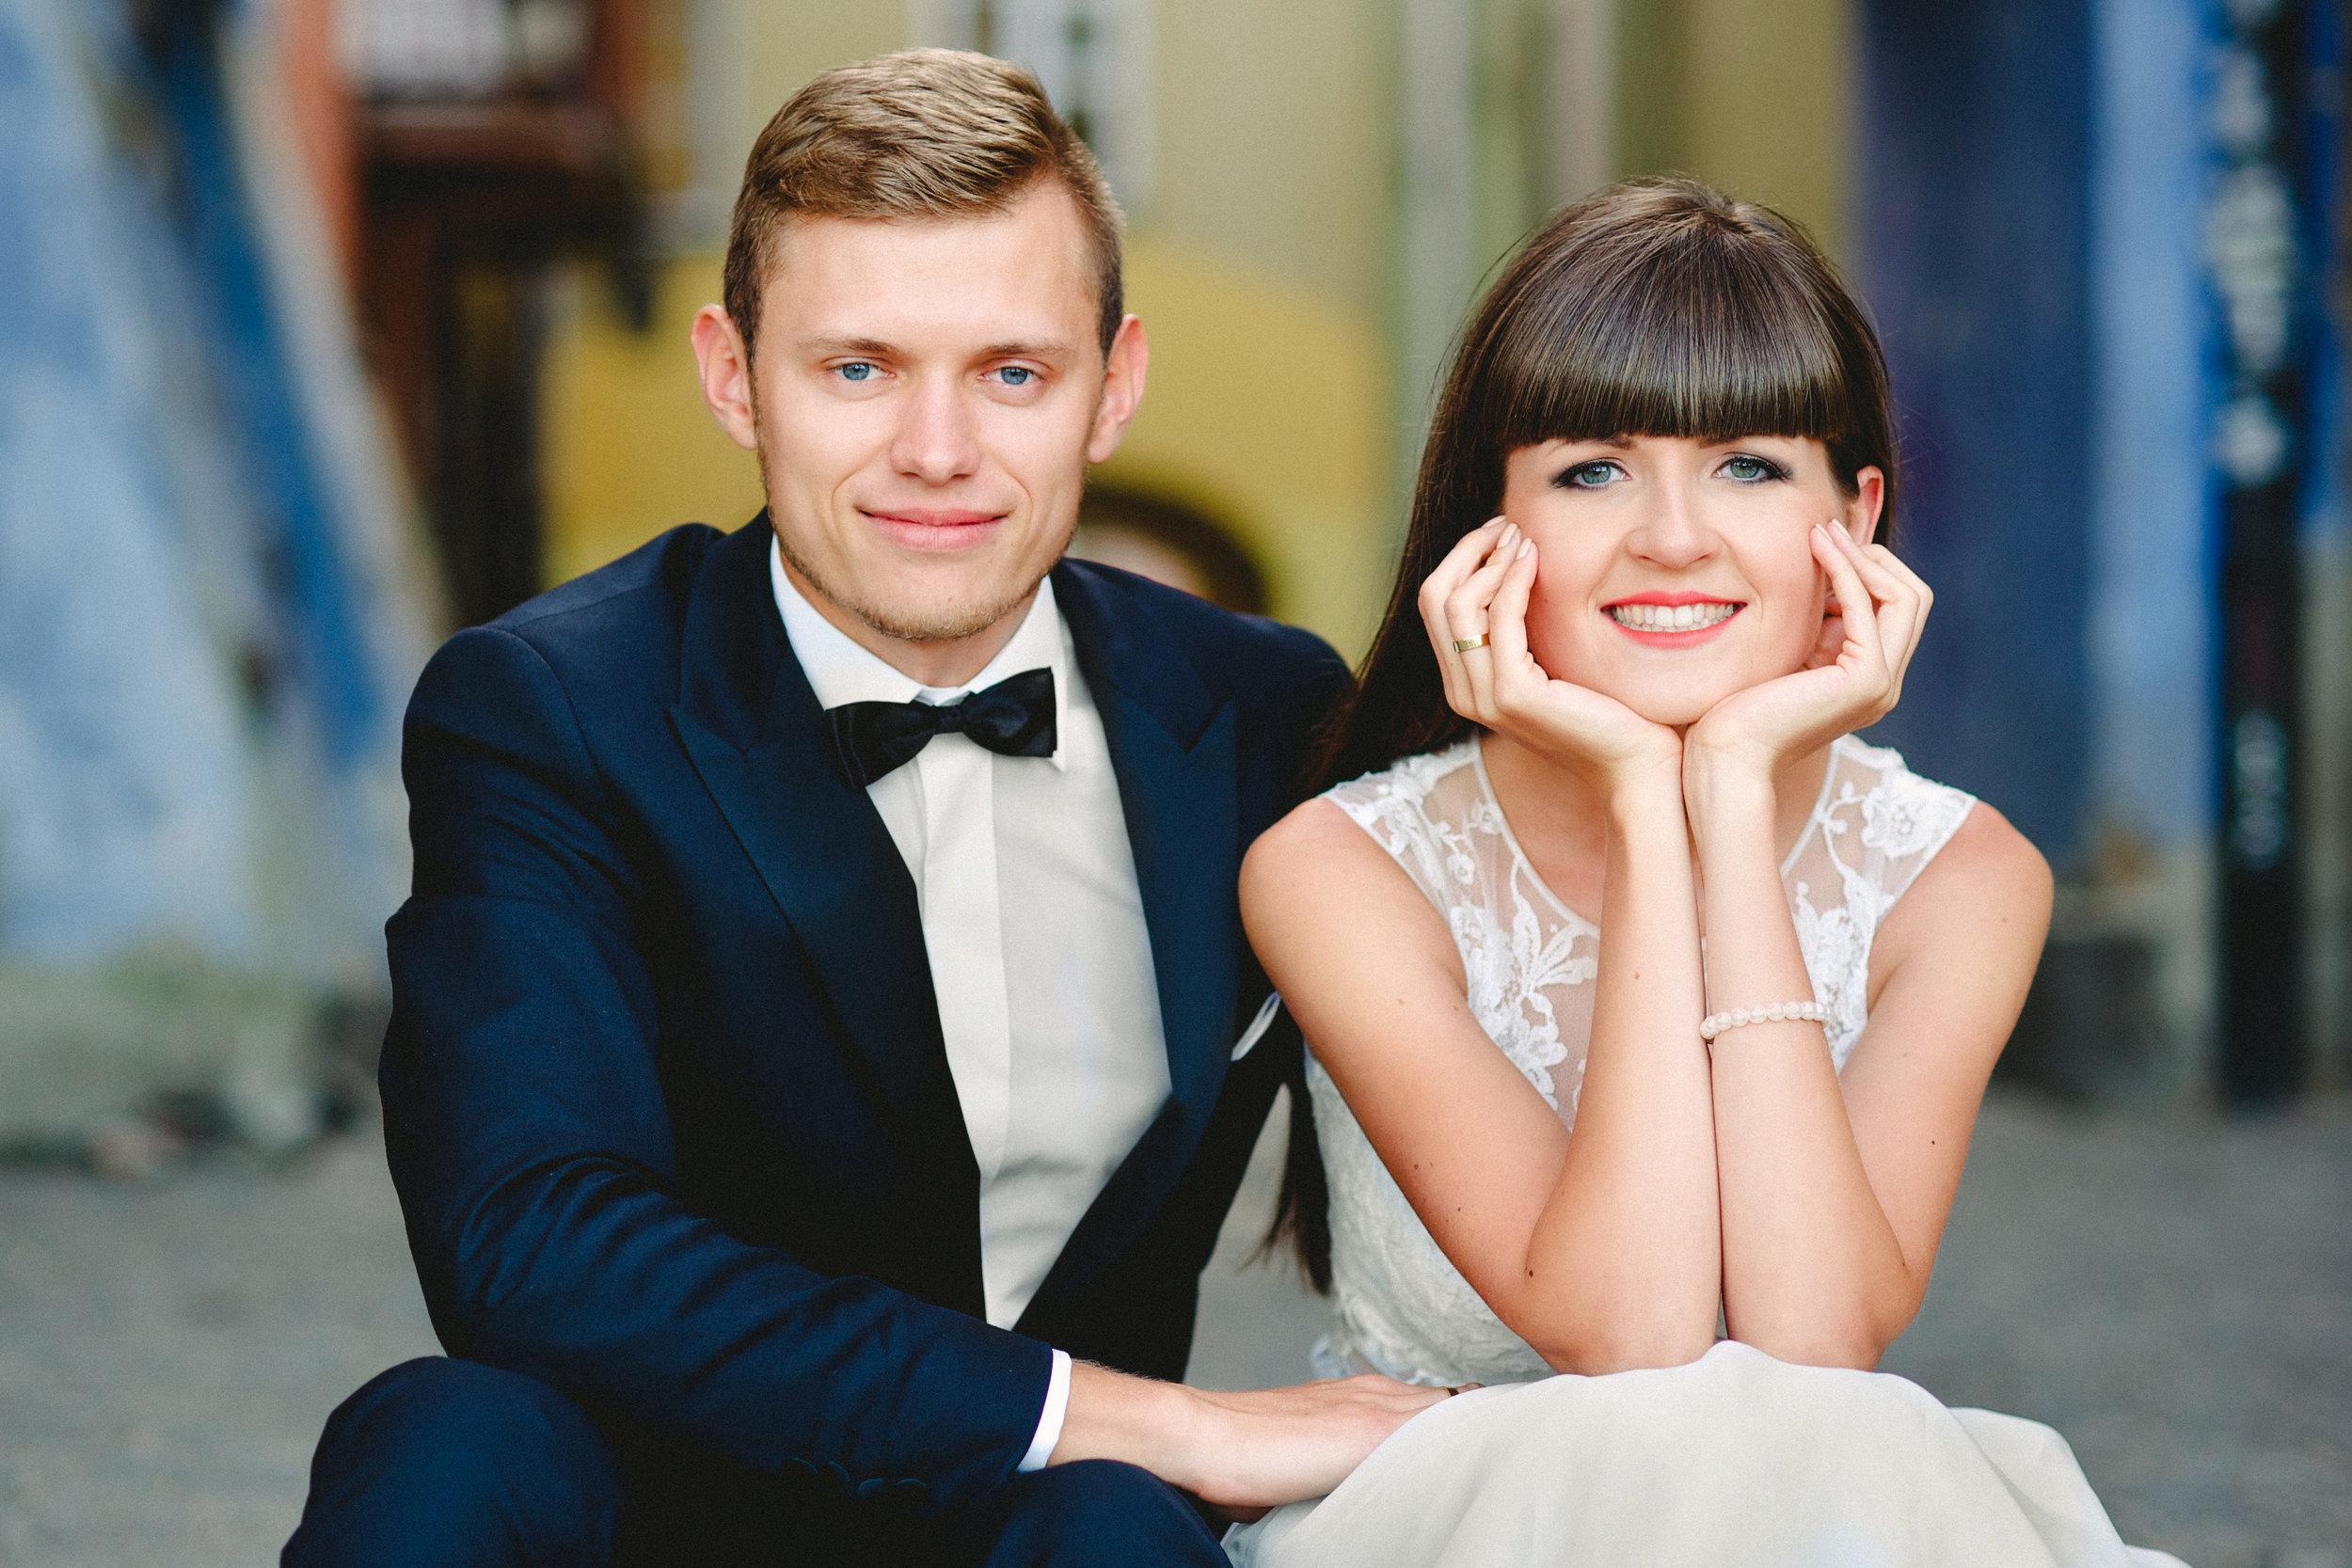 Iz + Mar - sesja poślubna w Warszawie